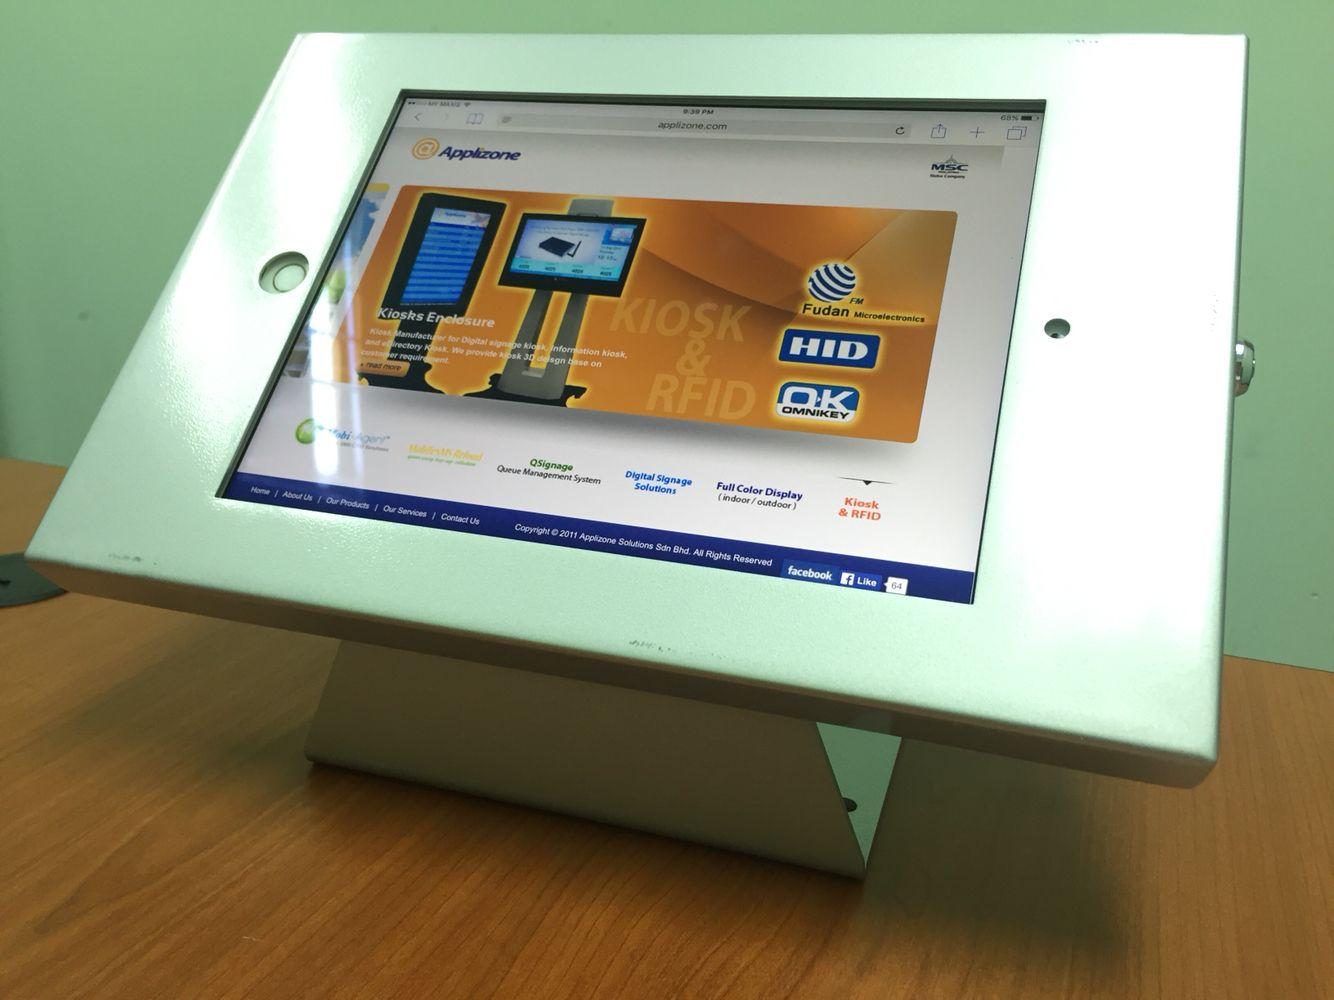 iPad casing (con imágenes) Kiosco, Digitales